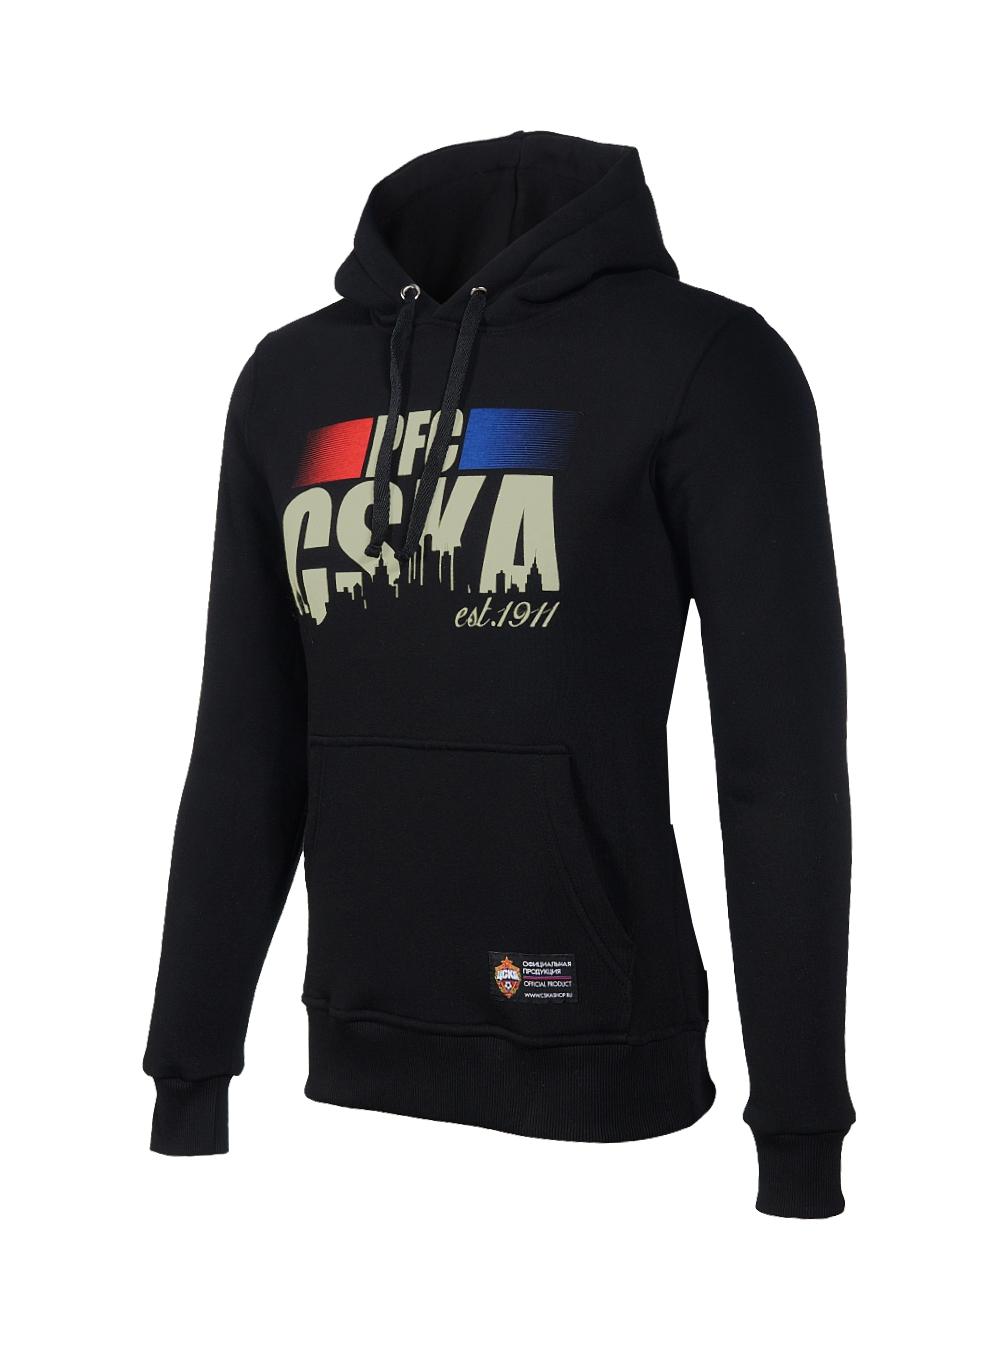 Купить Толстовка женская «PFC CSKA est.1911», цвет черный (L) по Нижнему Новгороду